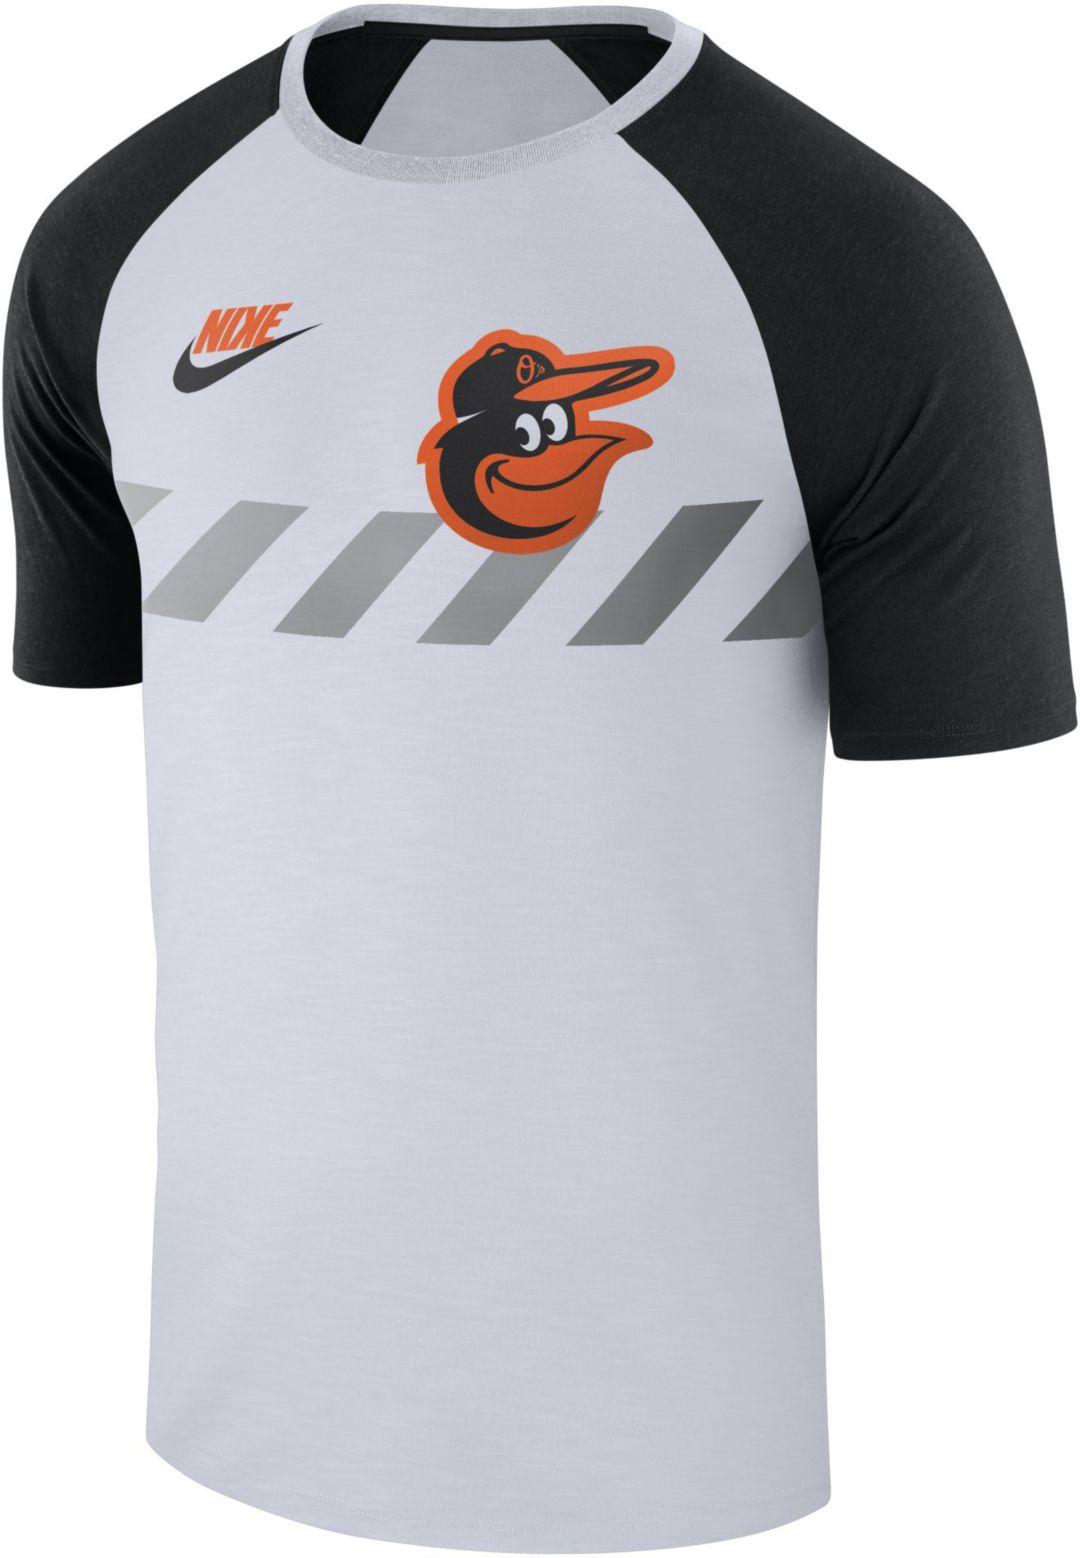 info for f0776 a7de9 Nike Men's Baltimore Orioles Dri-FIT Raglan T-Shirt